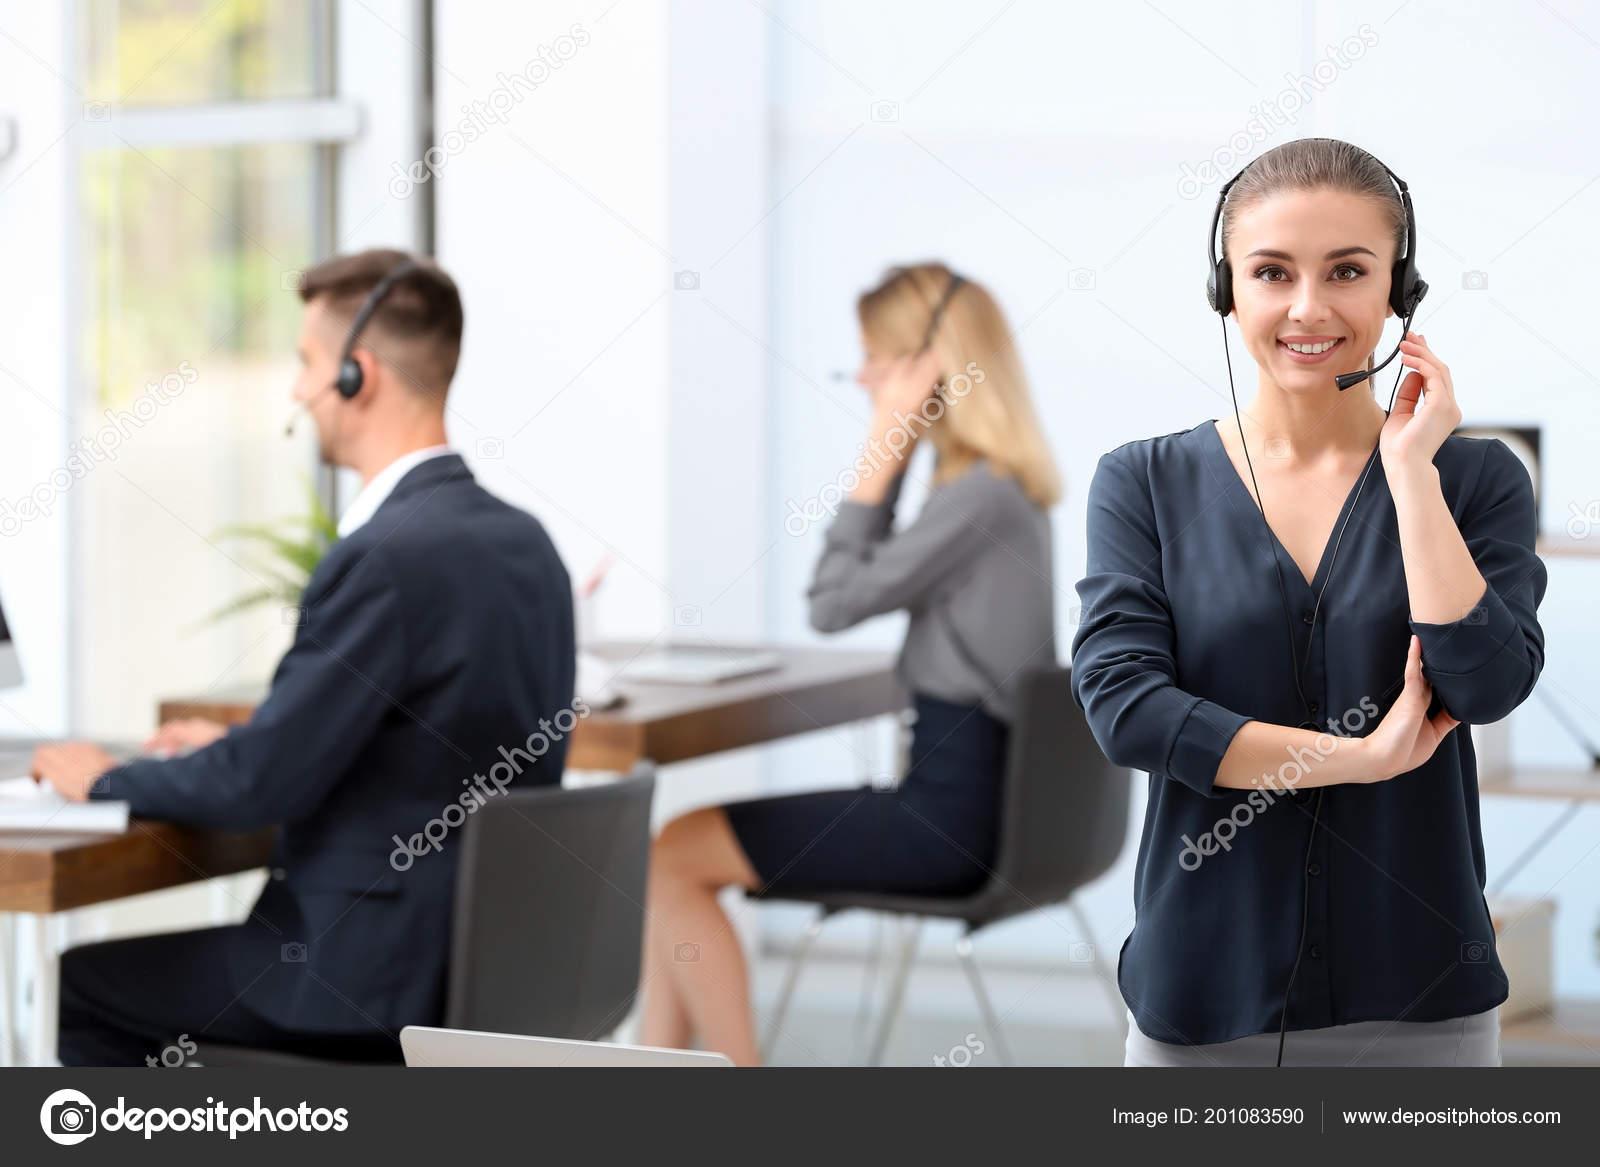 Jeune réceptionniste femme avec casque bureau u2014 photographie